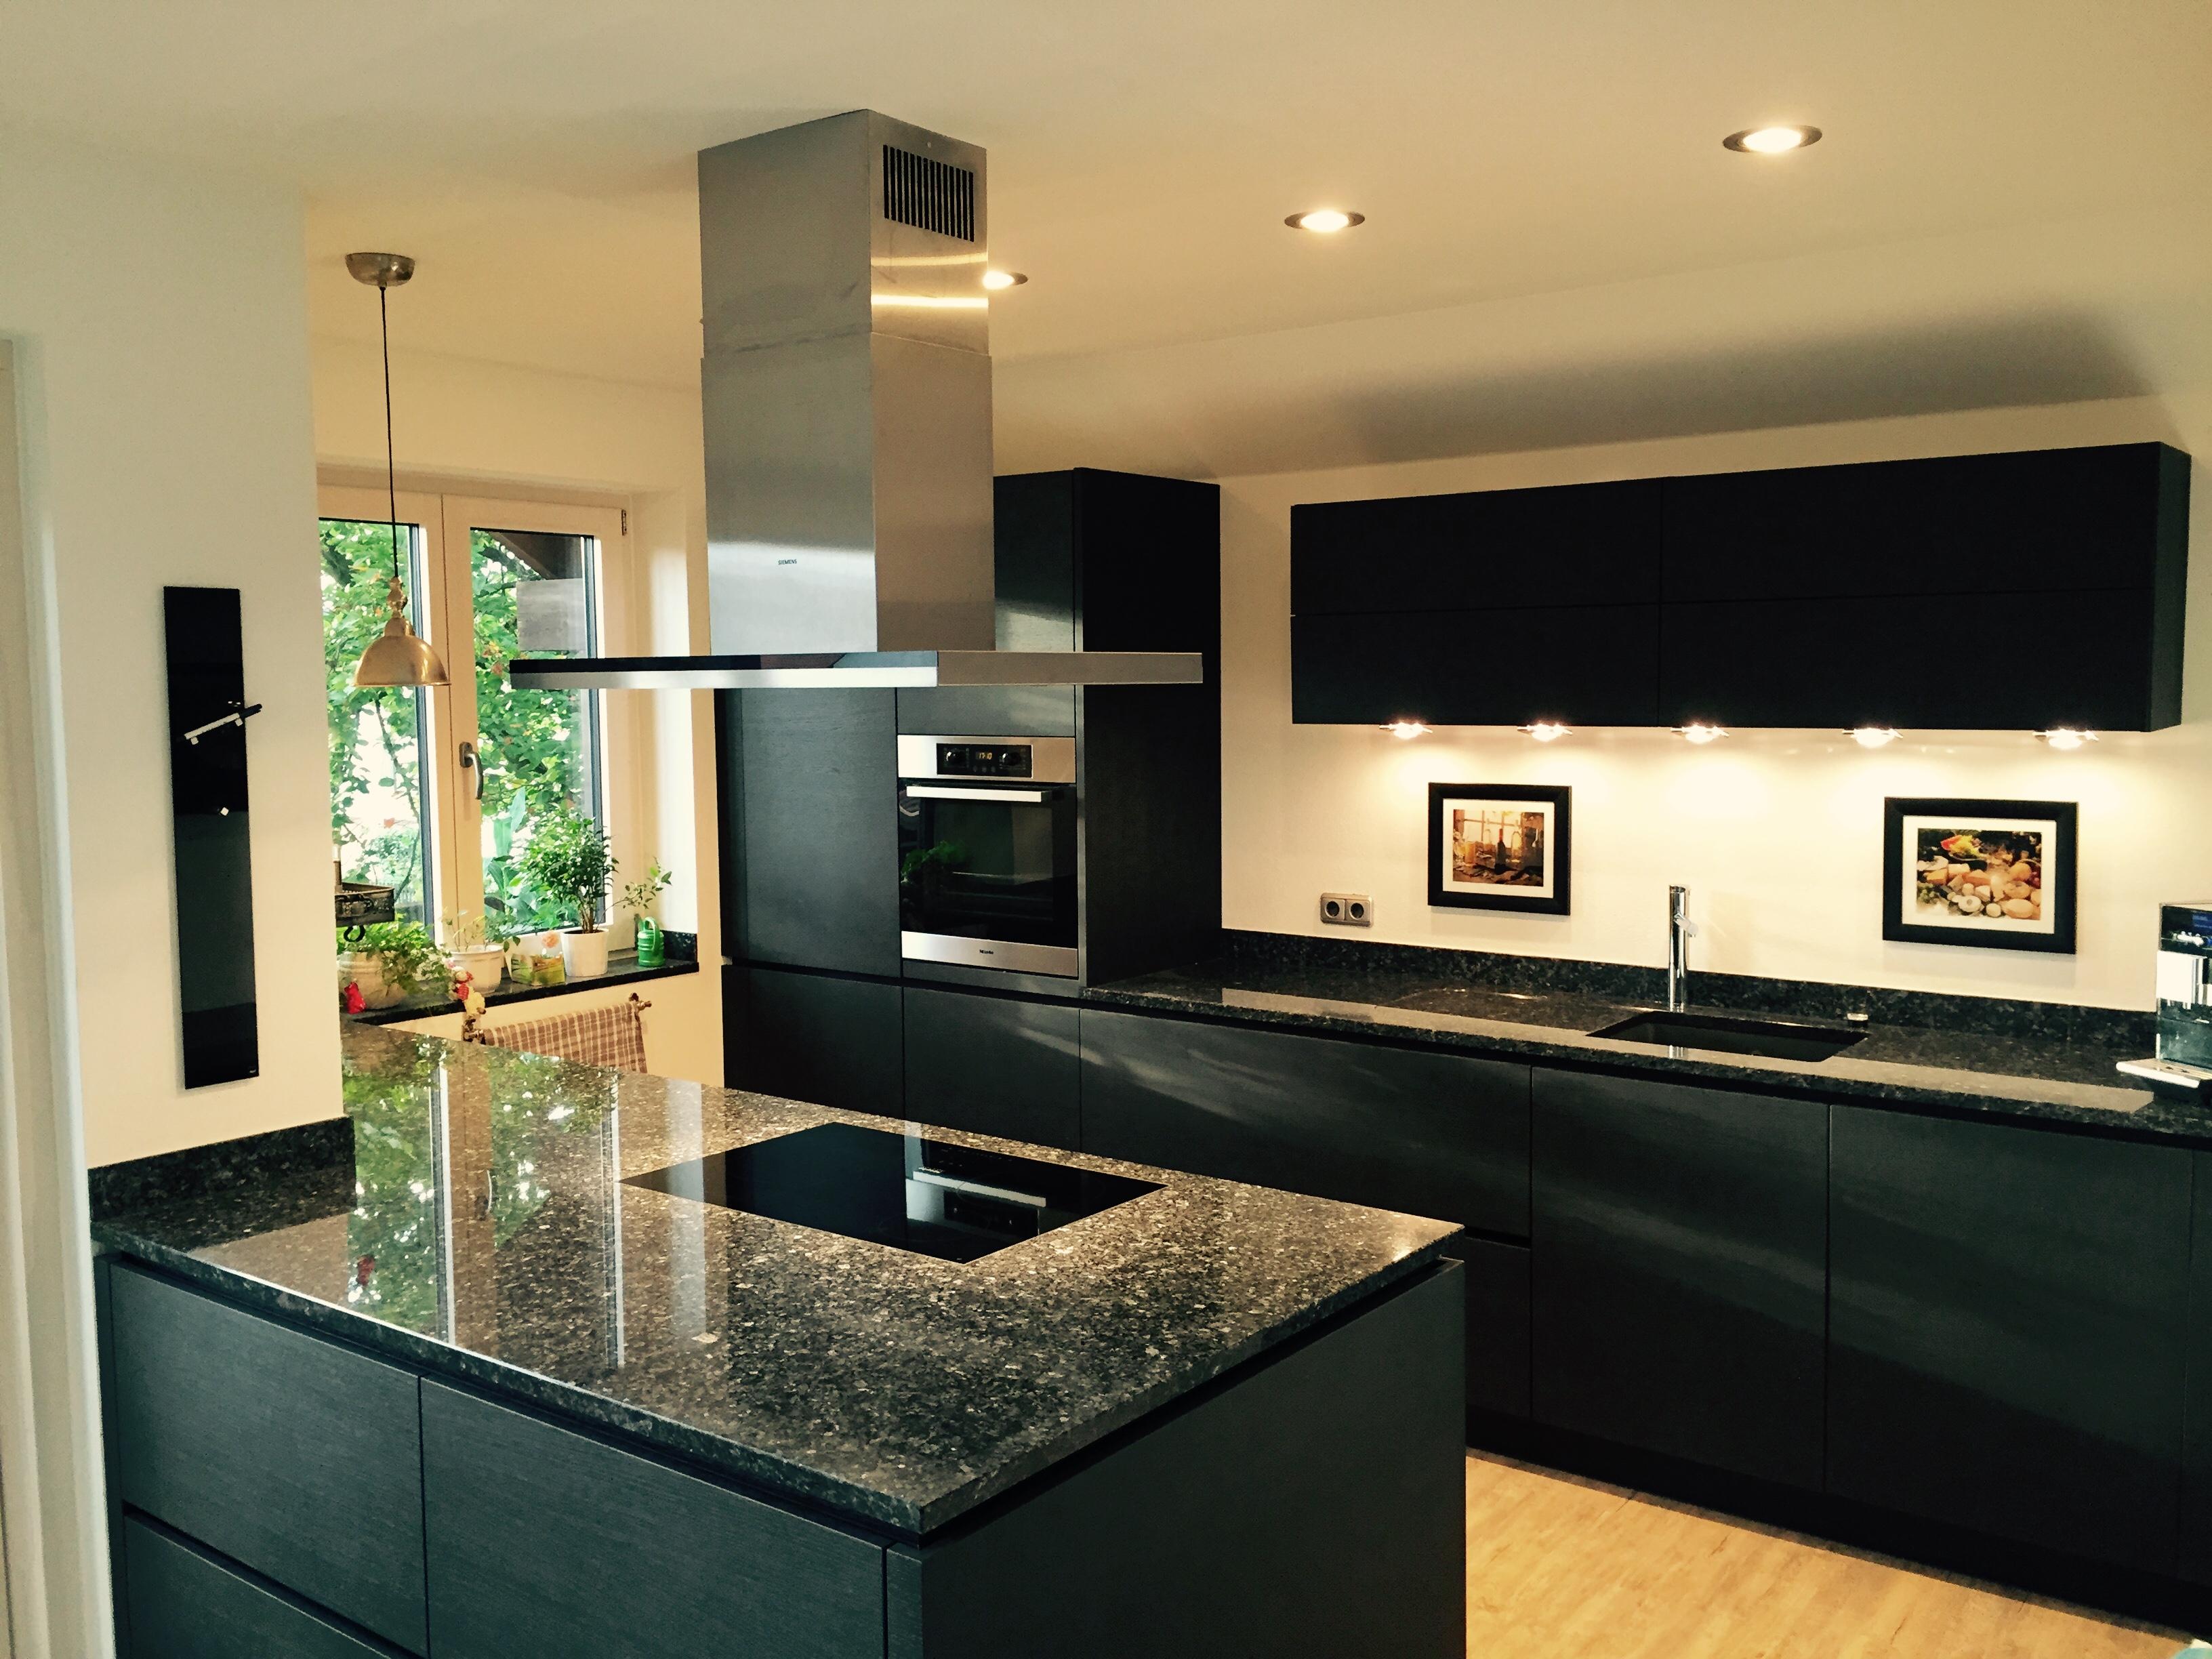 k che steinmetz braun essenbach bei landshut. Black Bedroom Furniture Sets. Home Design Ideas